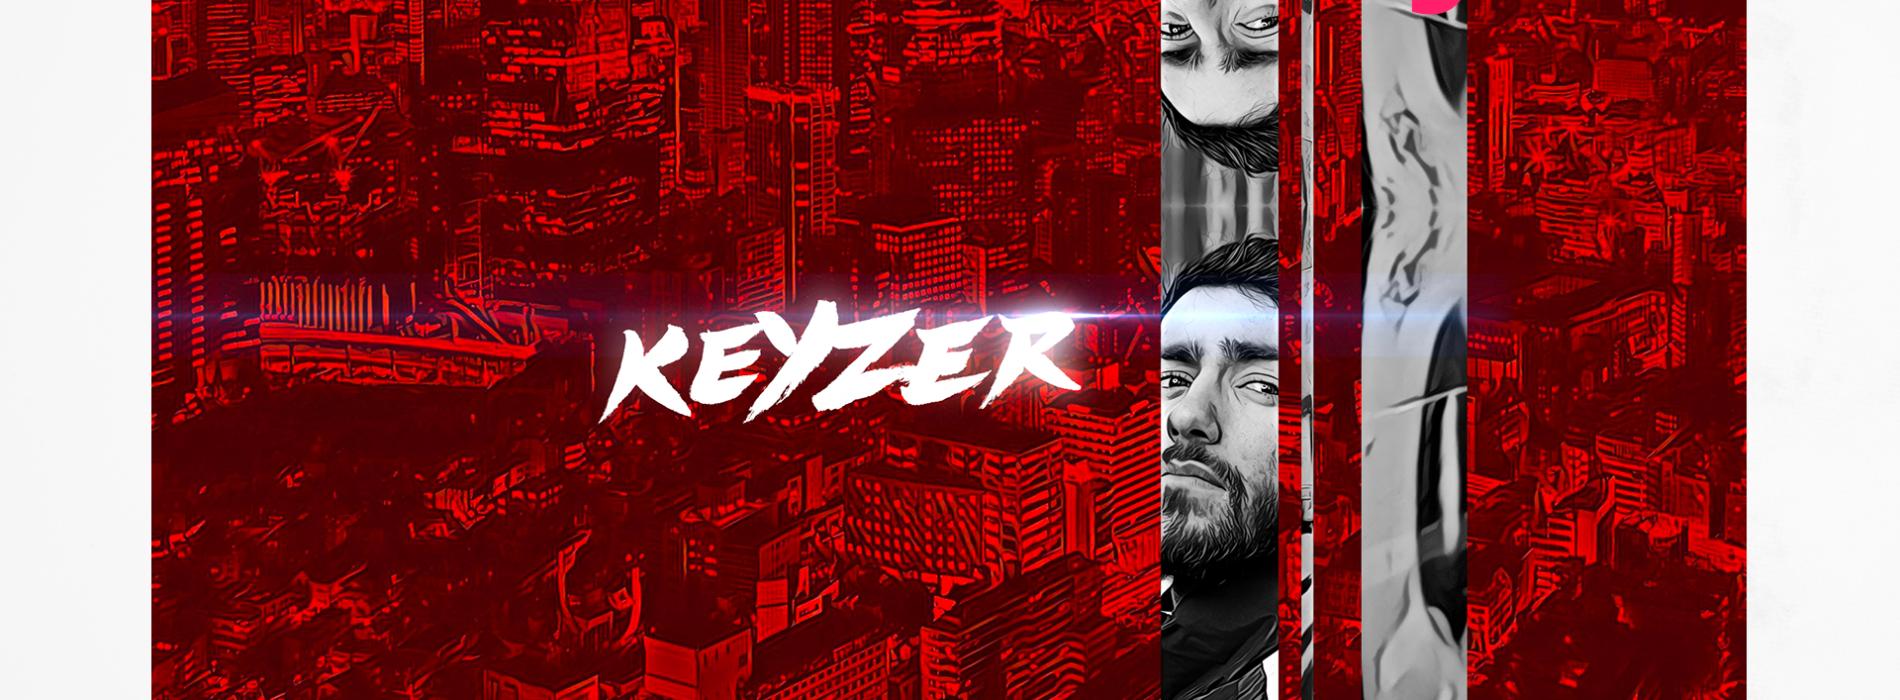 New School rap français – KEYZER – Horizon / LETO – Tu déconnes feat. Rim'K (Clip officiel) – Juillet 2019